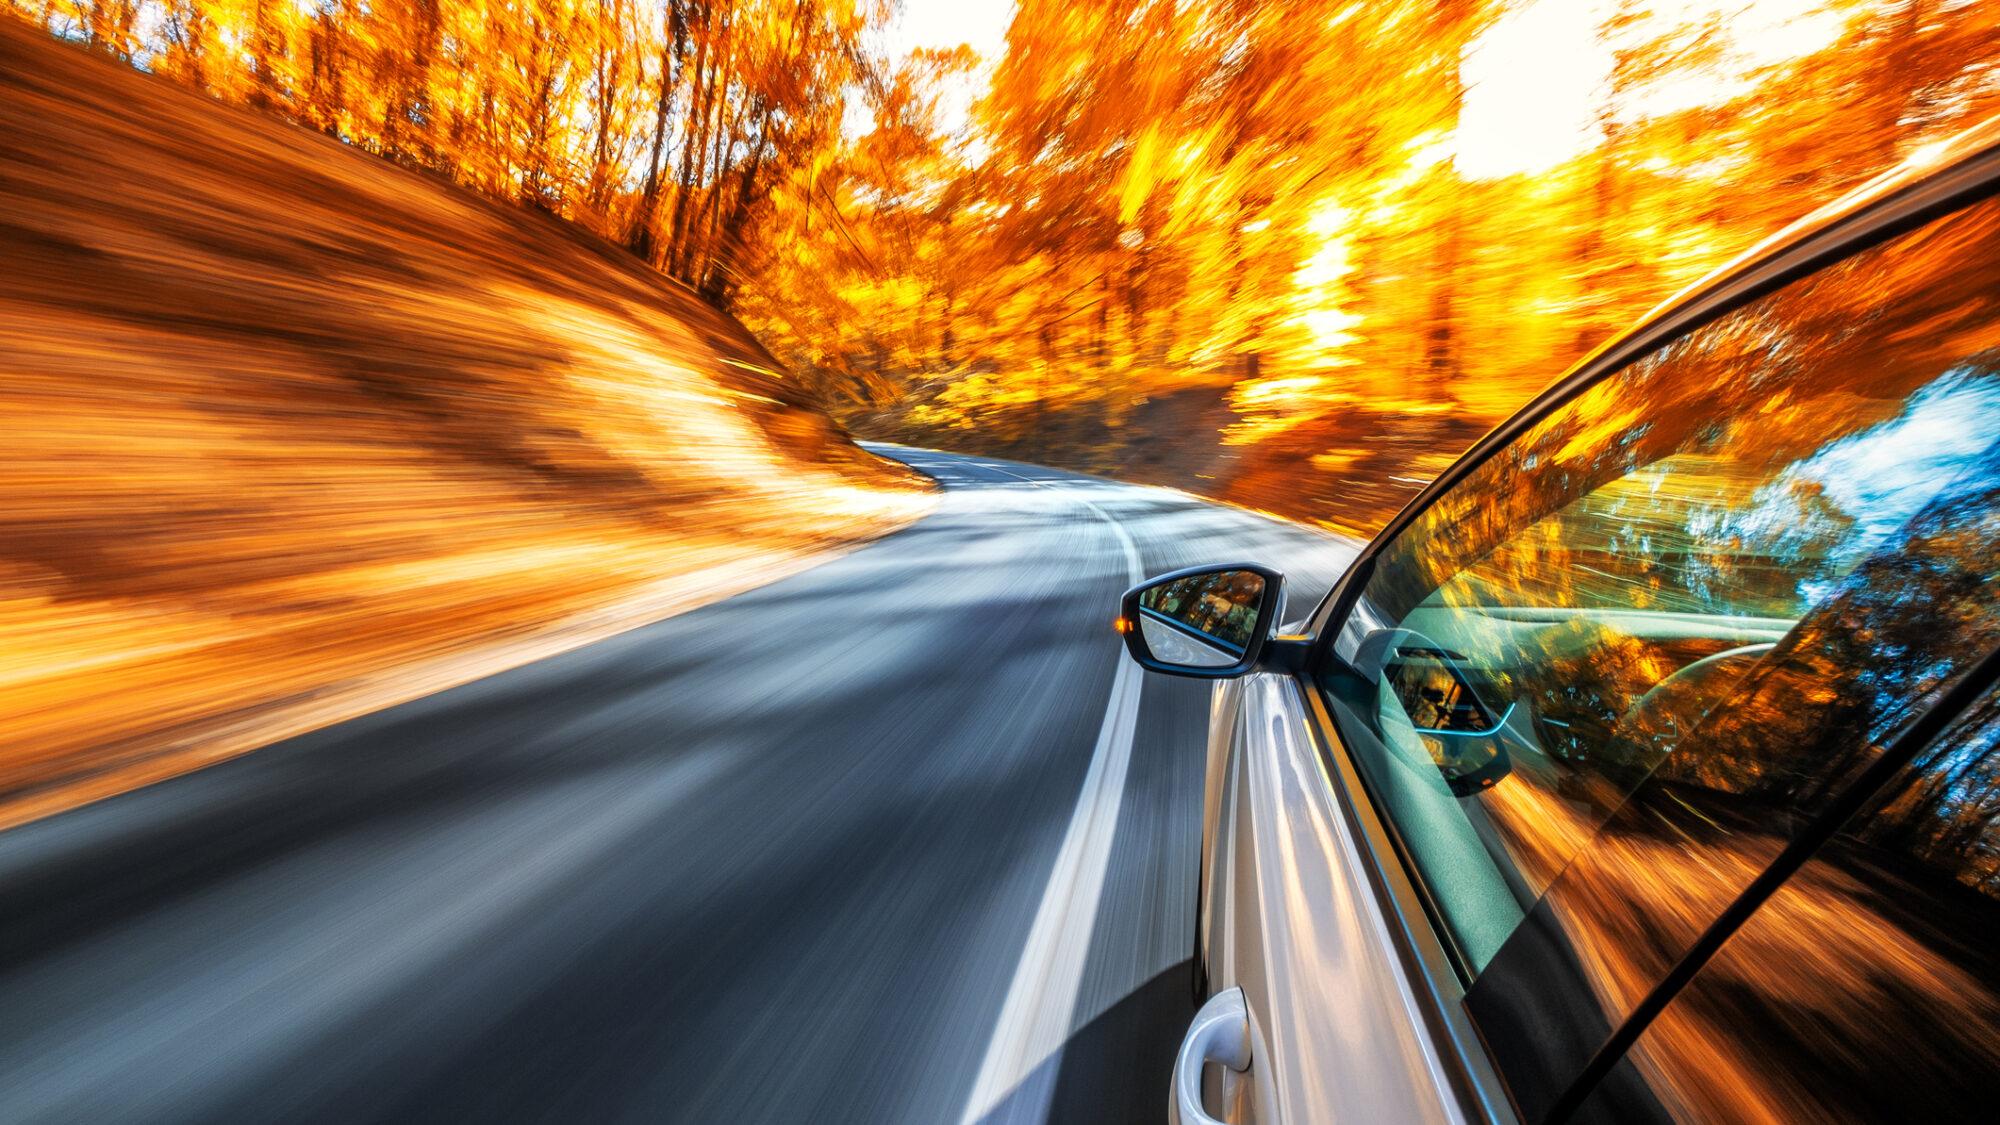 Ao volante: cursos para conduzir melhor ou sentir a adrenalina